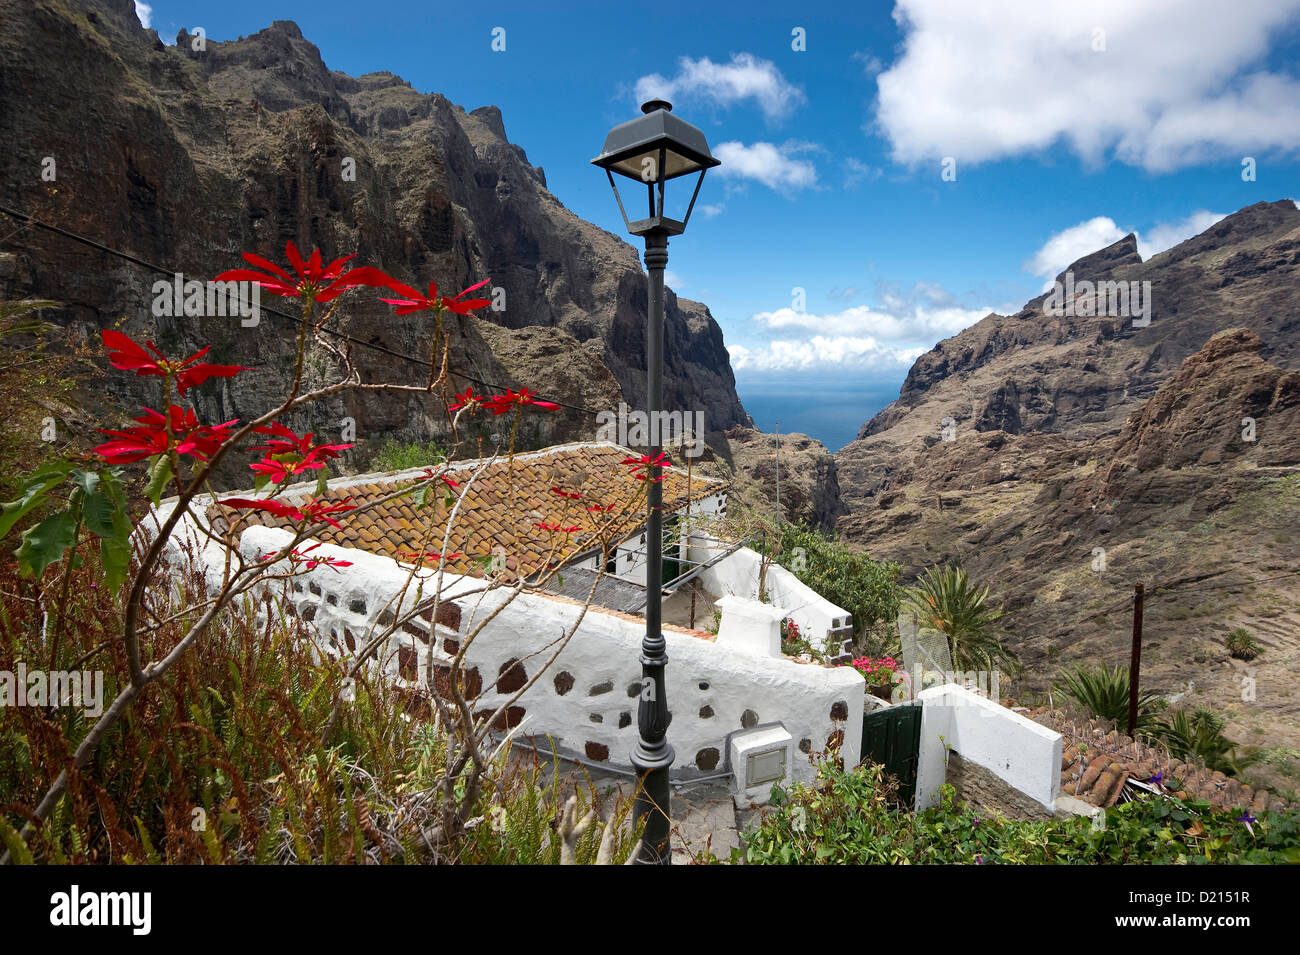 Berg Dorf Masca im Teno Gebirge, Teneriffa, Kanarische Inseln, Spanien, Europa Stockbild